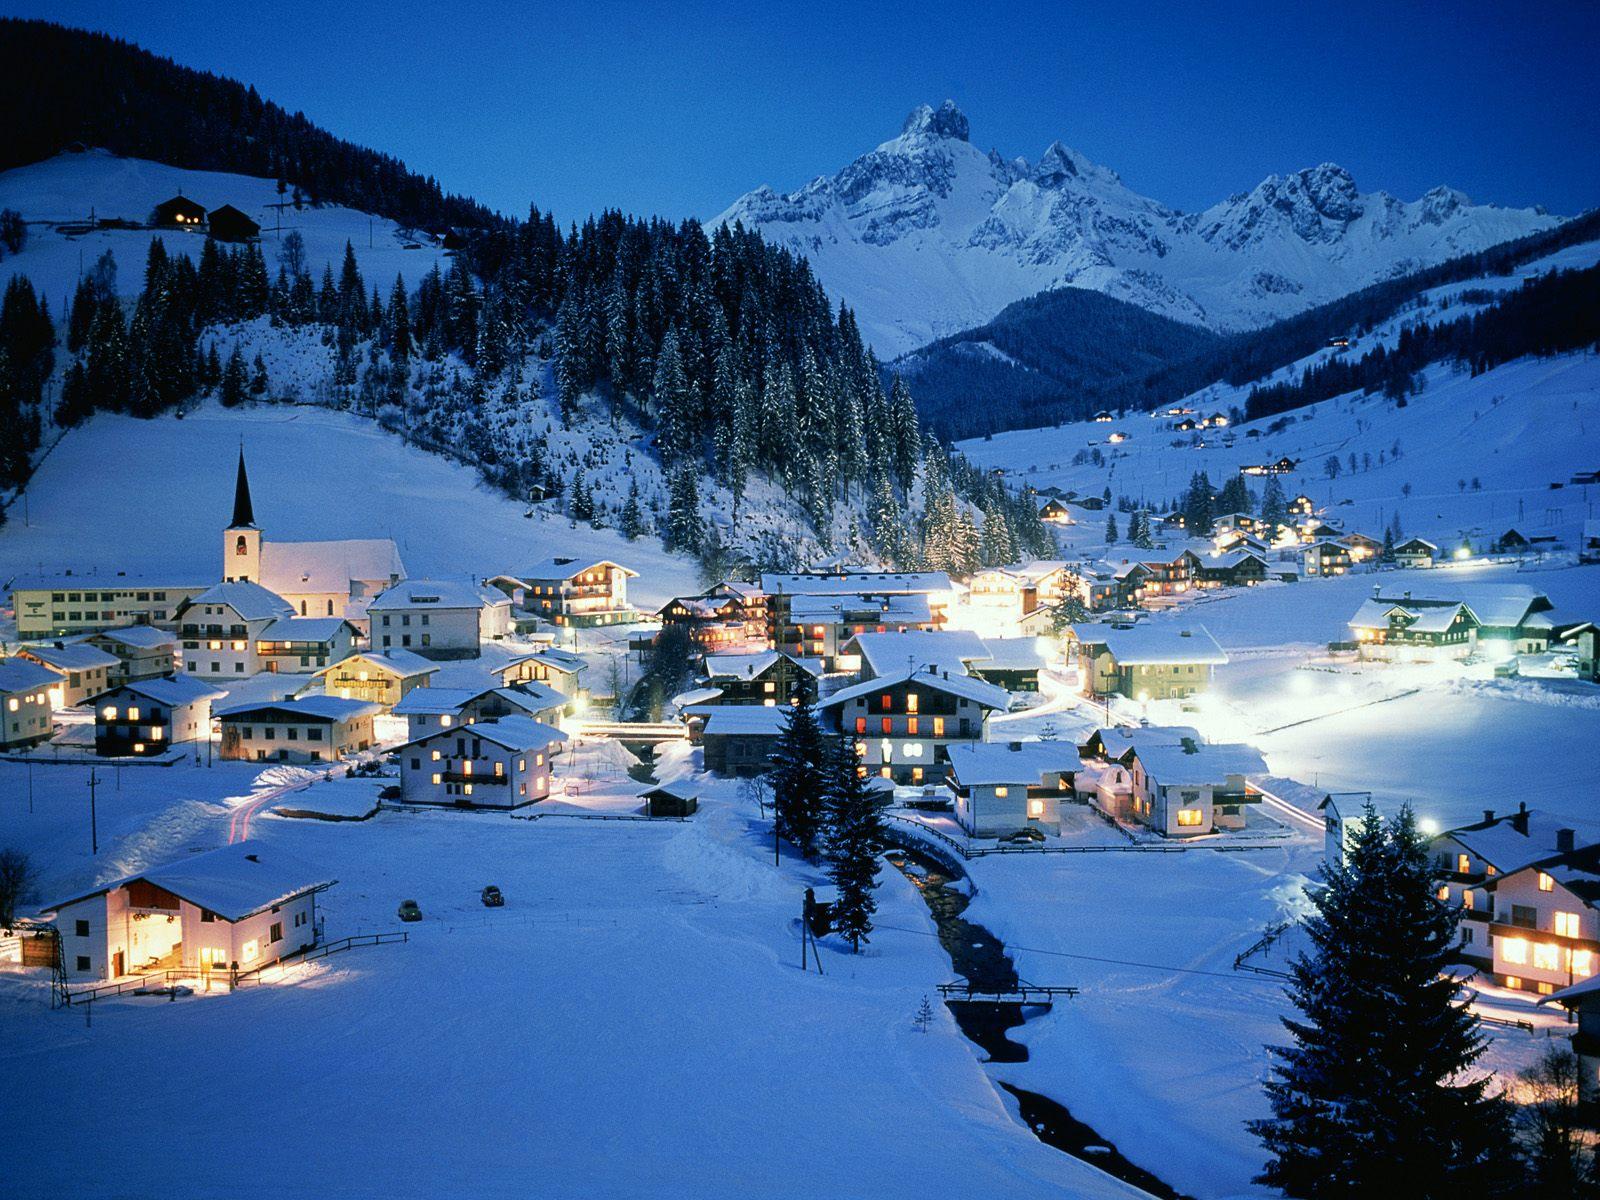 http://4.bp.blogspot.com/-_4C7ehvSJPE/TonKCyZv6pI/AAAAAAAAAYo/EHCZL5qwl0U/s1600/Filzmoos%252C+Salzburg%252C+Austria.jpg